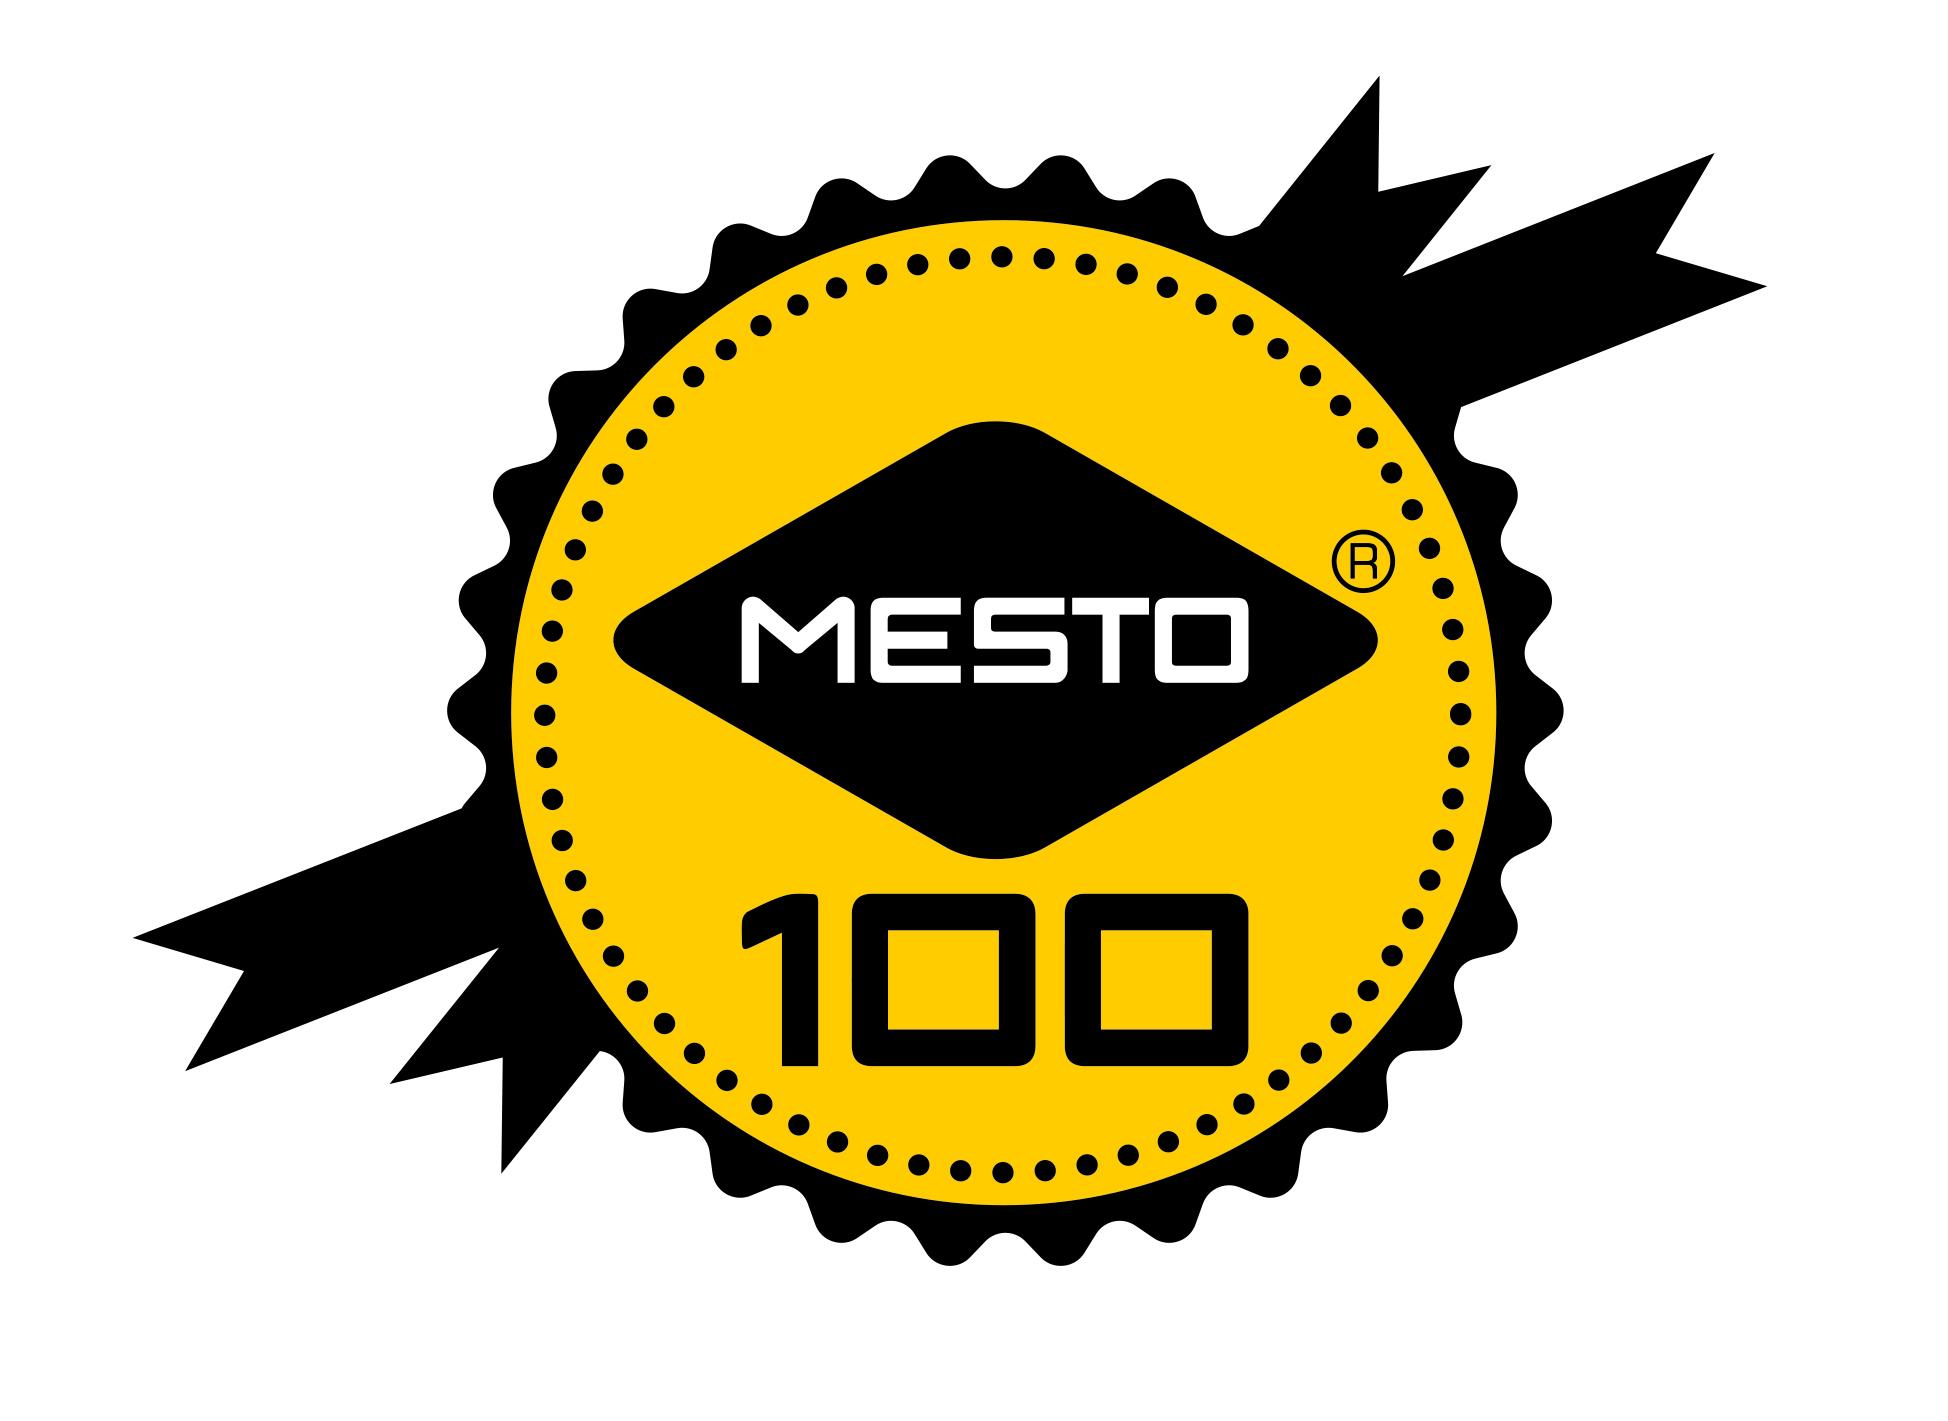 MESTO-Spritzenfabrik GmbH